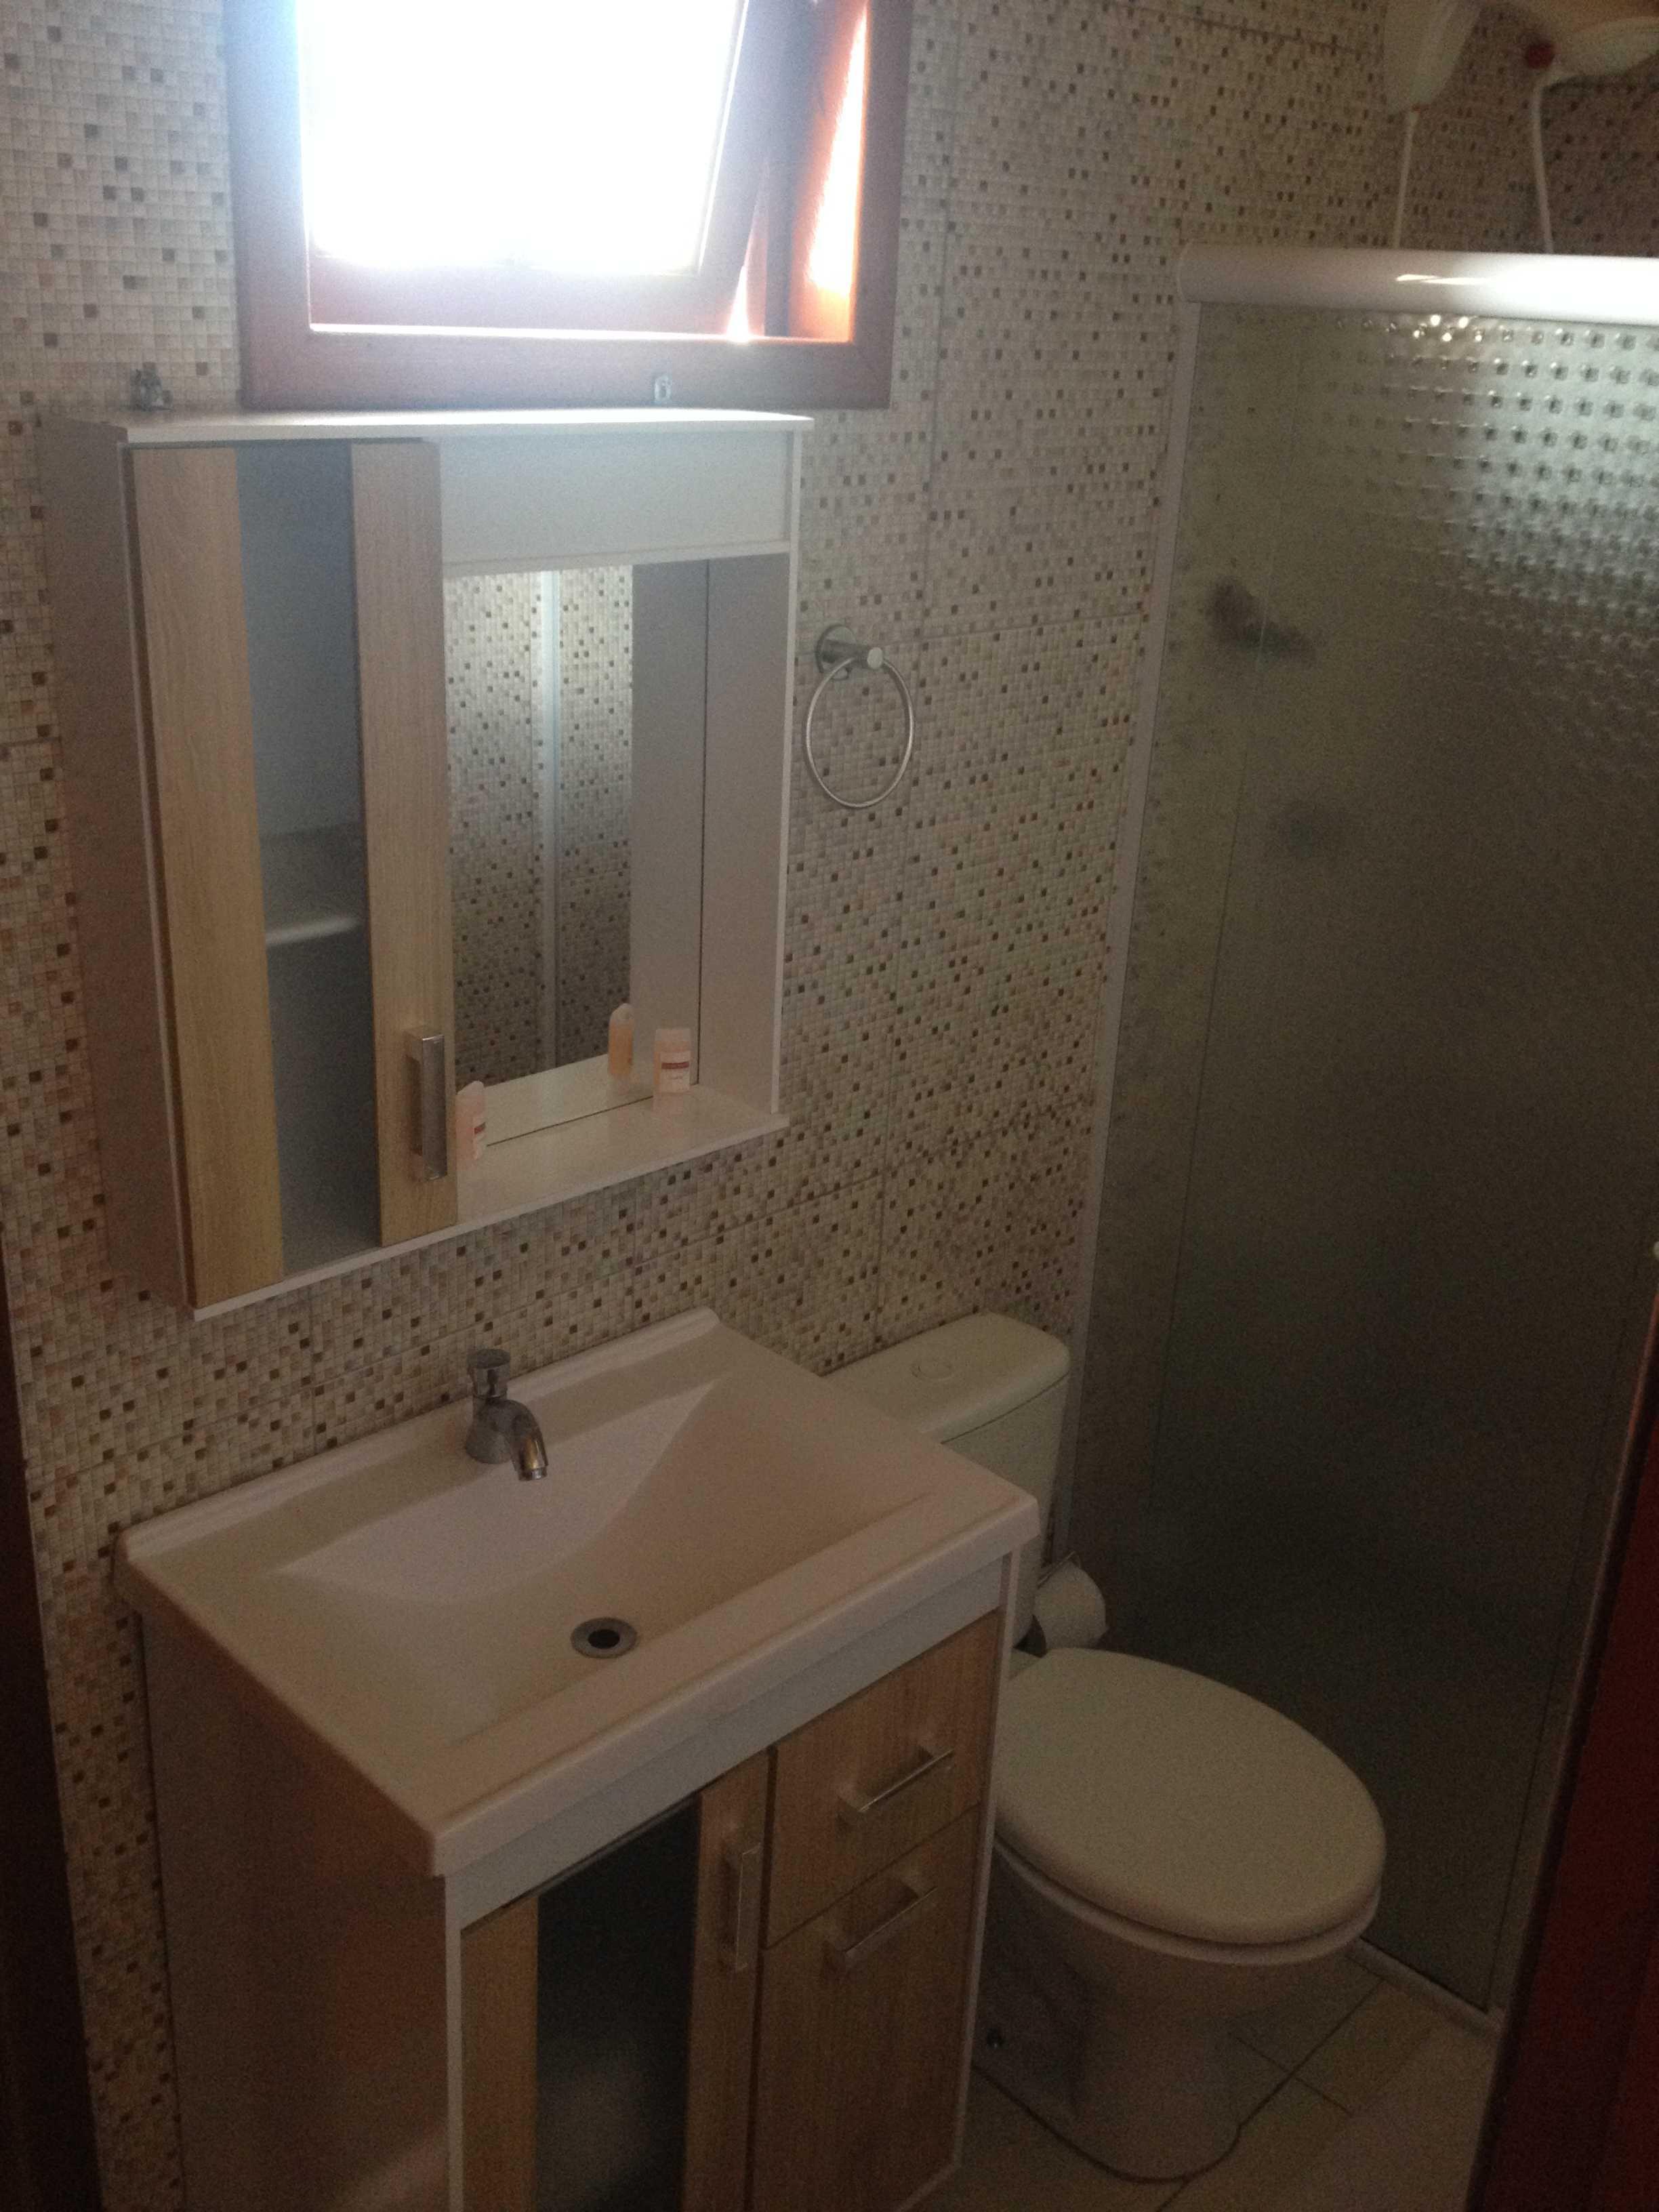 banheiro - Fui Feliz Aqui !!!